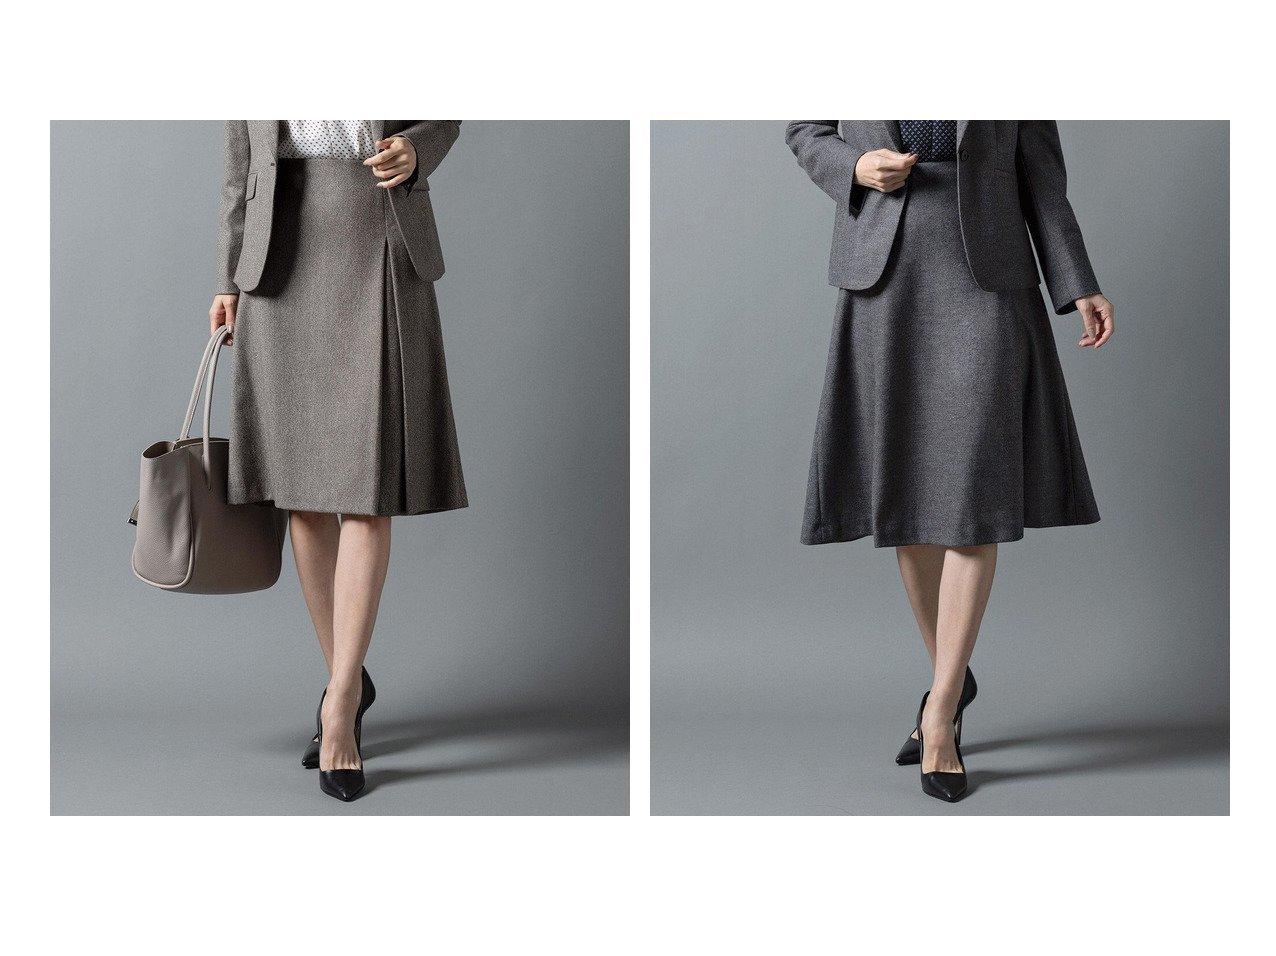 【J.PRESS/ジェイ プレス】の【セットアップ対応】アクアレジェンドウールジャージー スカート&【セットアップ対応】ウールストレッチツイード スカート 【スカート】おすすめ!人気、トレンド・レディースファッションの通販 おすすめで人気の流行・トレンド、ファッションの通販商品 インテリア・家具・メンズファッション・キッズファッション・レディースファッション・服の通販 founy(ファニー) https://founy.com/ ファッション Fashion レディースファッション WOMEN セットアップ Setup スカート Skirt 送料無料 Free Shipping シンプル ジャケット セットアップ フレア 切替 ストレッチ トレンド プリーツ ベーシック  ID:crp329100000074902